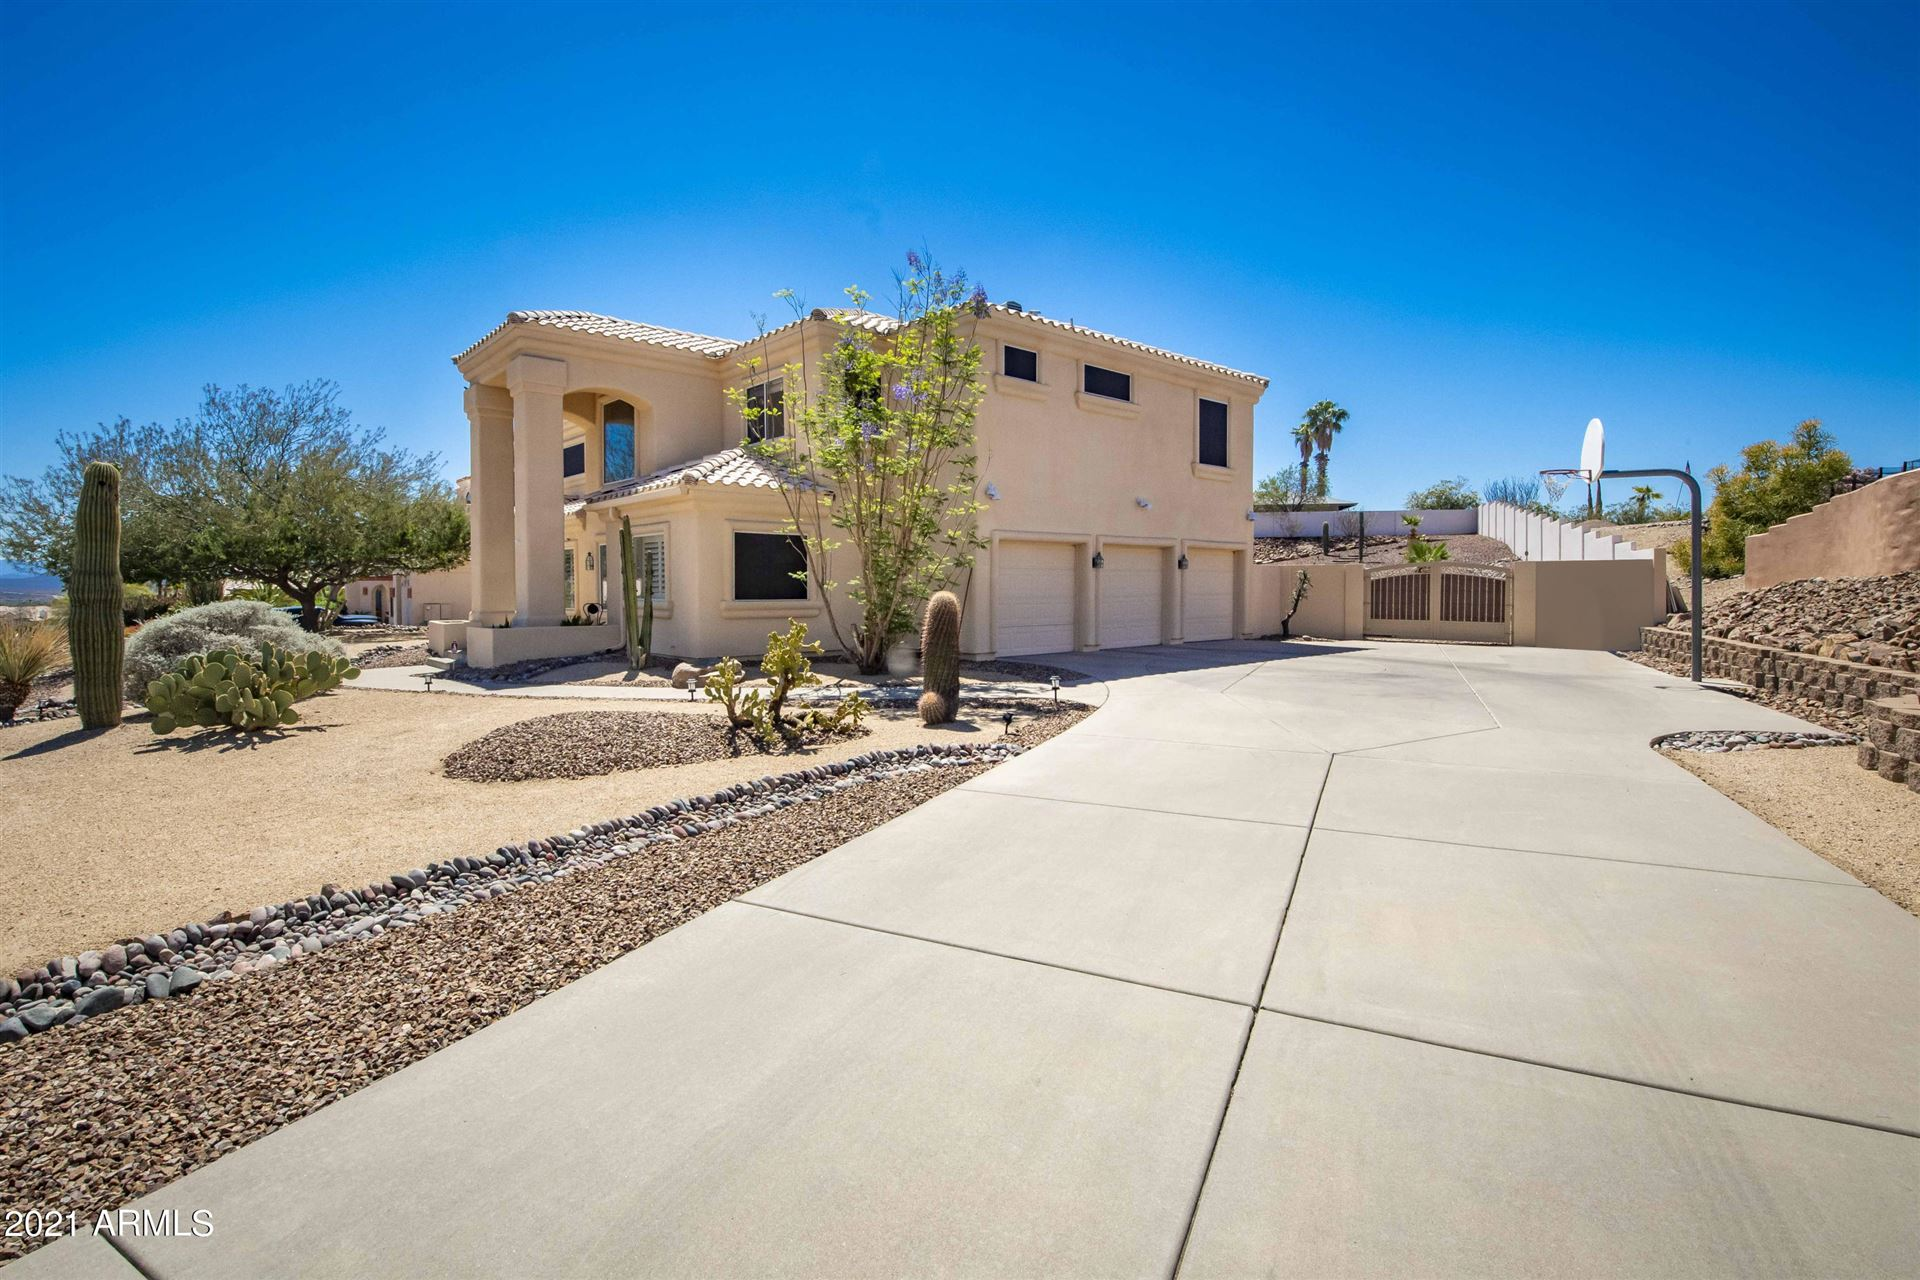 Photo of 16809 E PARLIN Drive, Fountain Hills, AZ 85268 (MLS # 6230977)